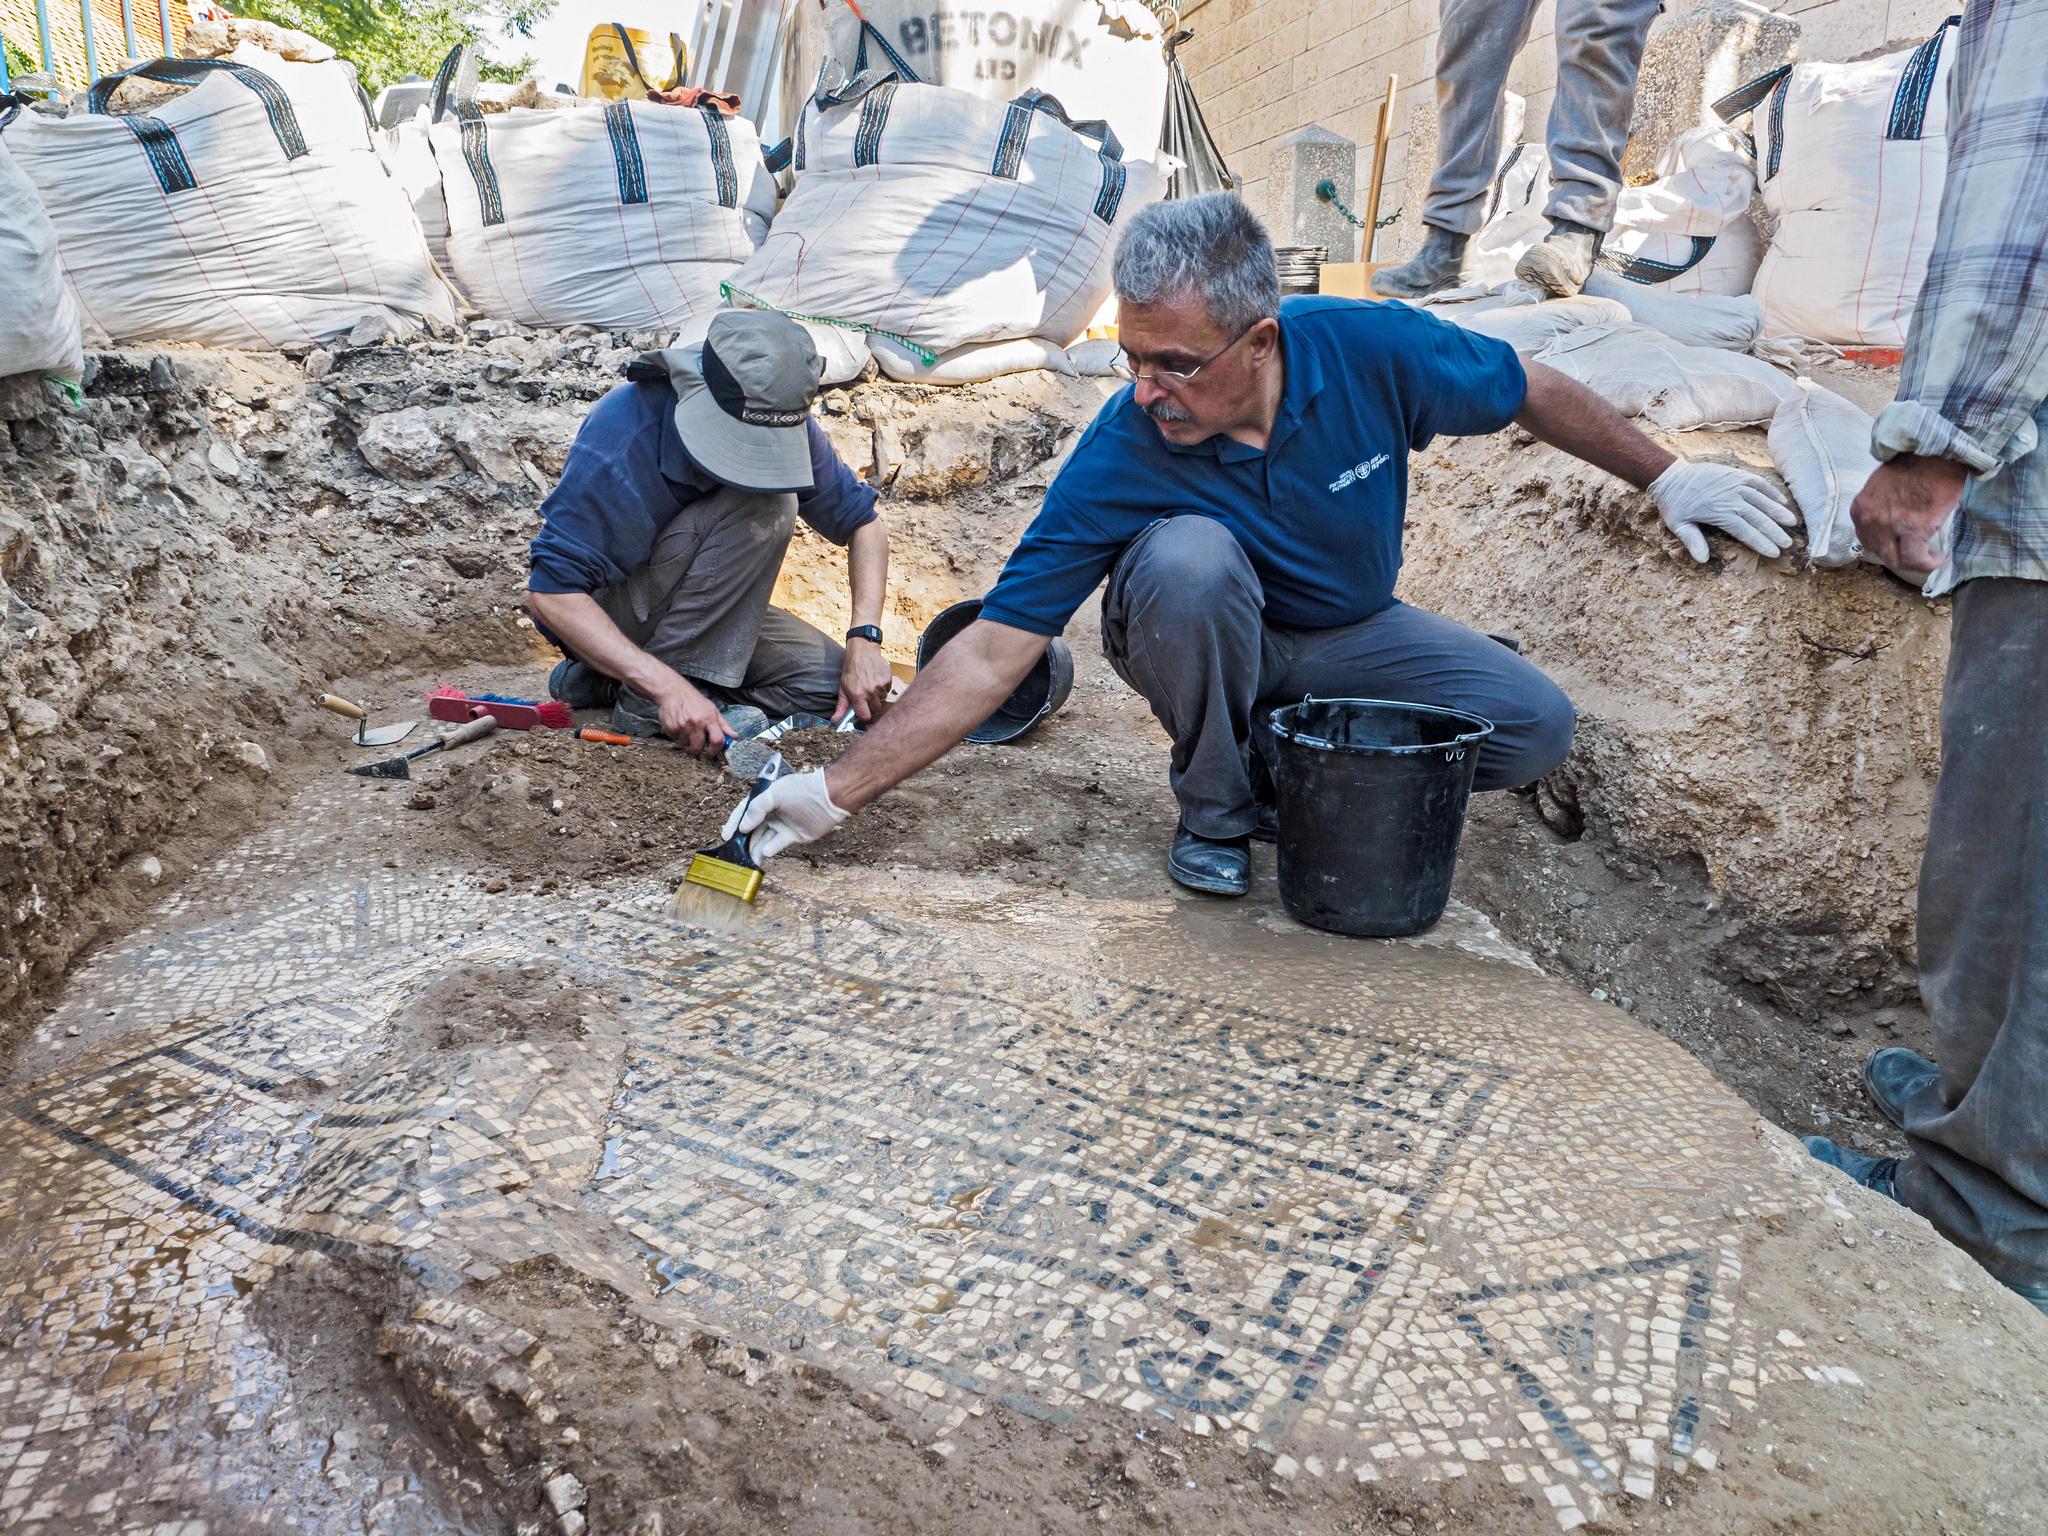 Descubren antiguo mosaico romano en Jerusalén